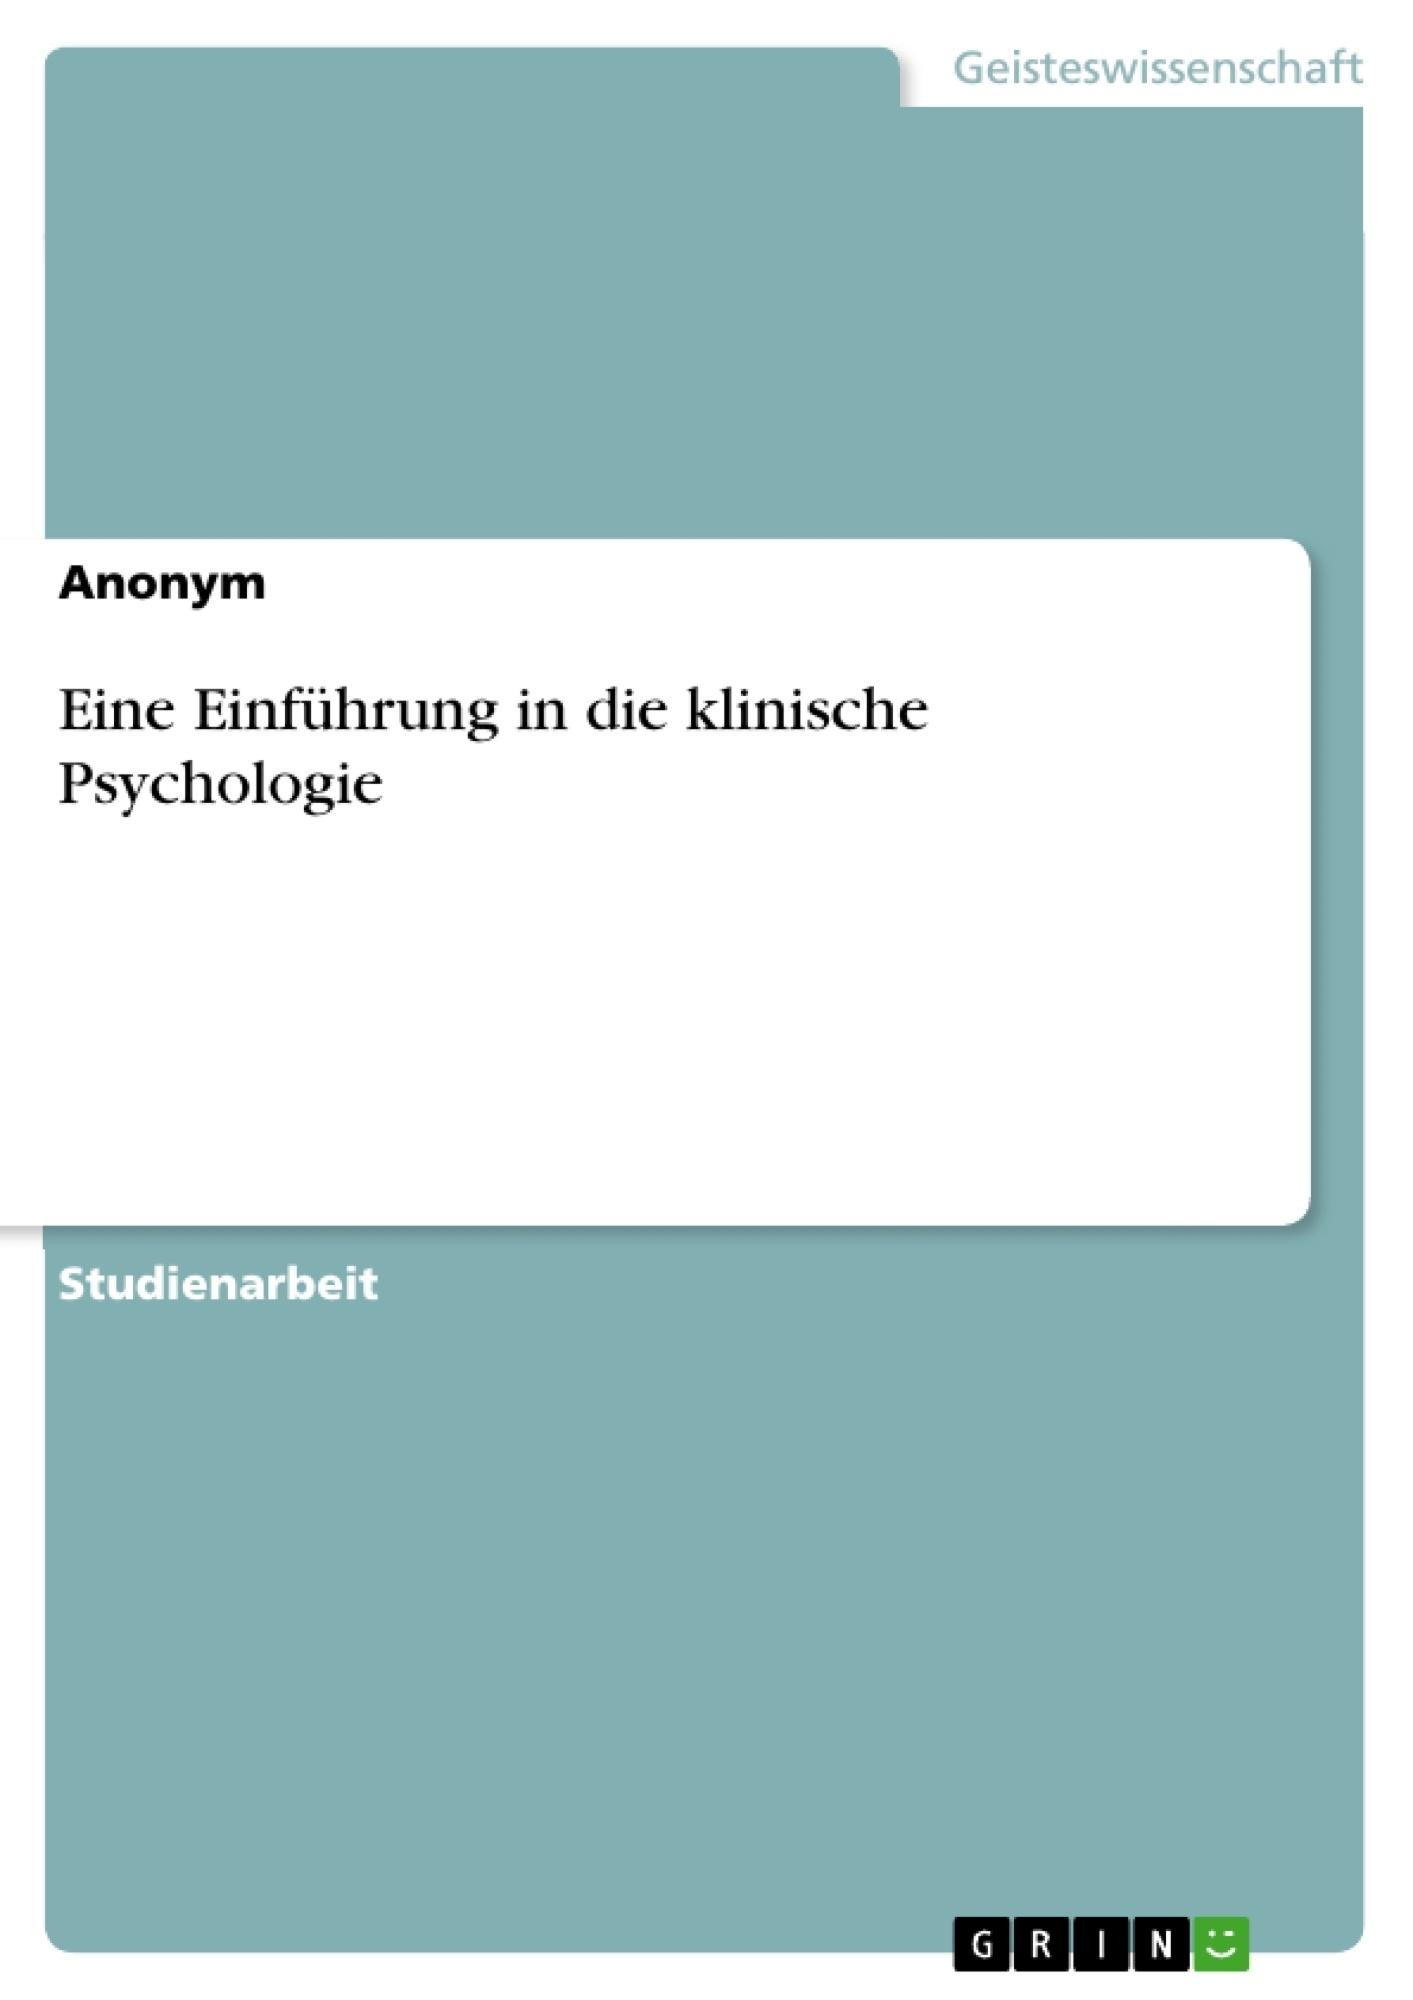 Titel: Eine Einführung in die klinische Psychologie